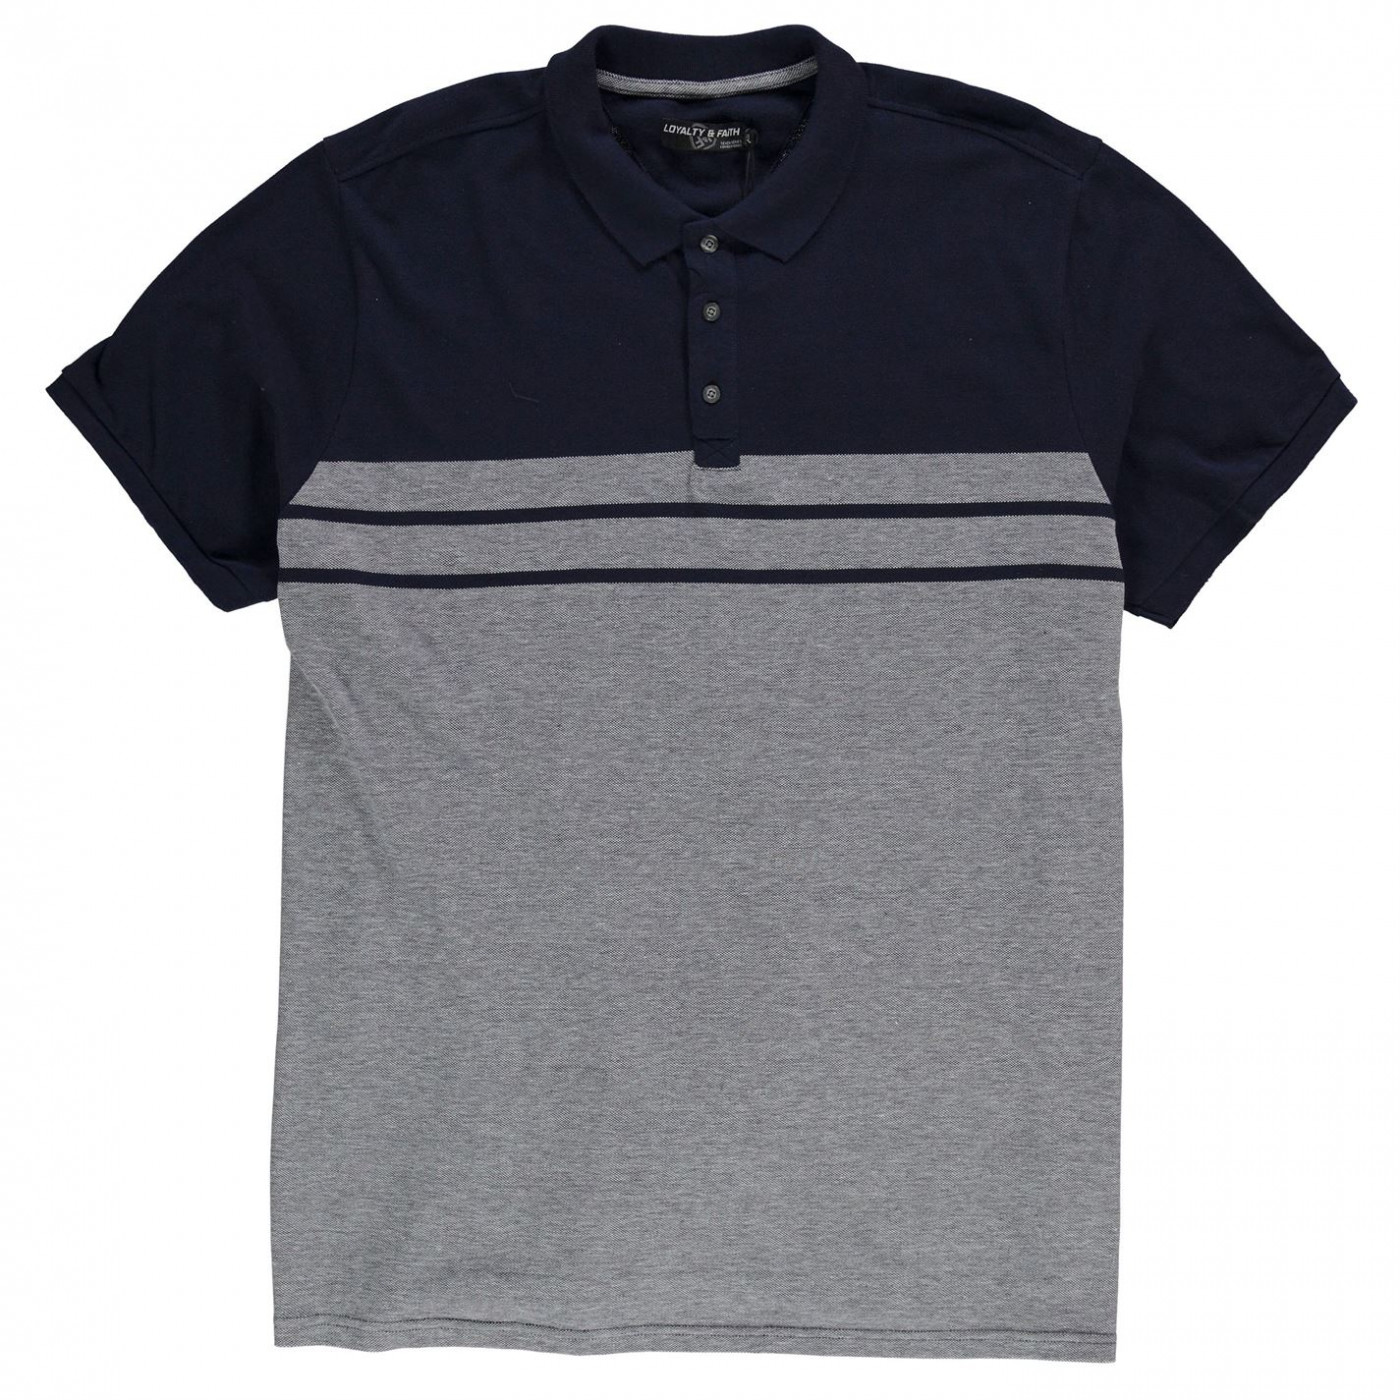 Loyalty and Faith Caines Polo Shirt Mens